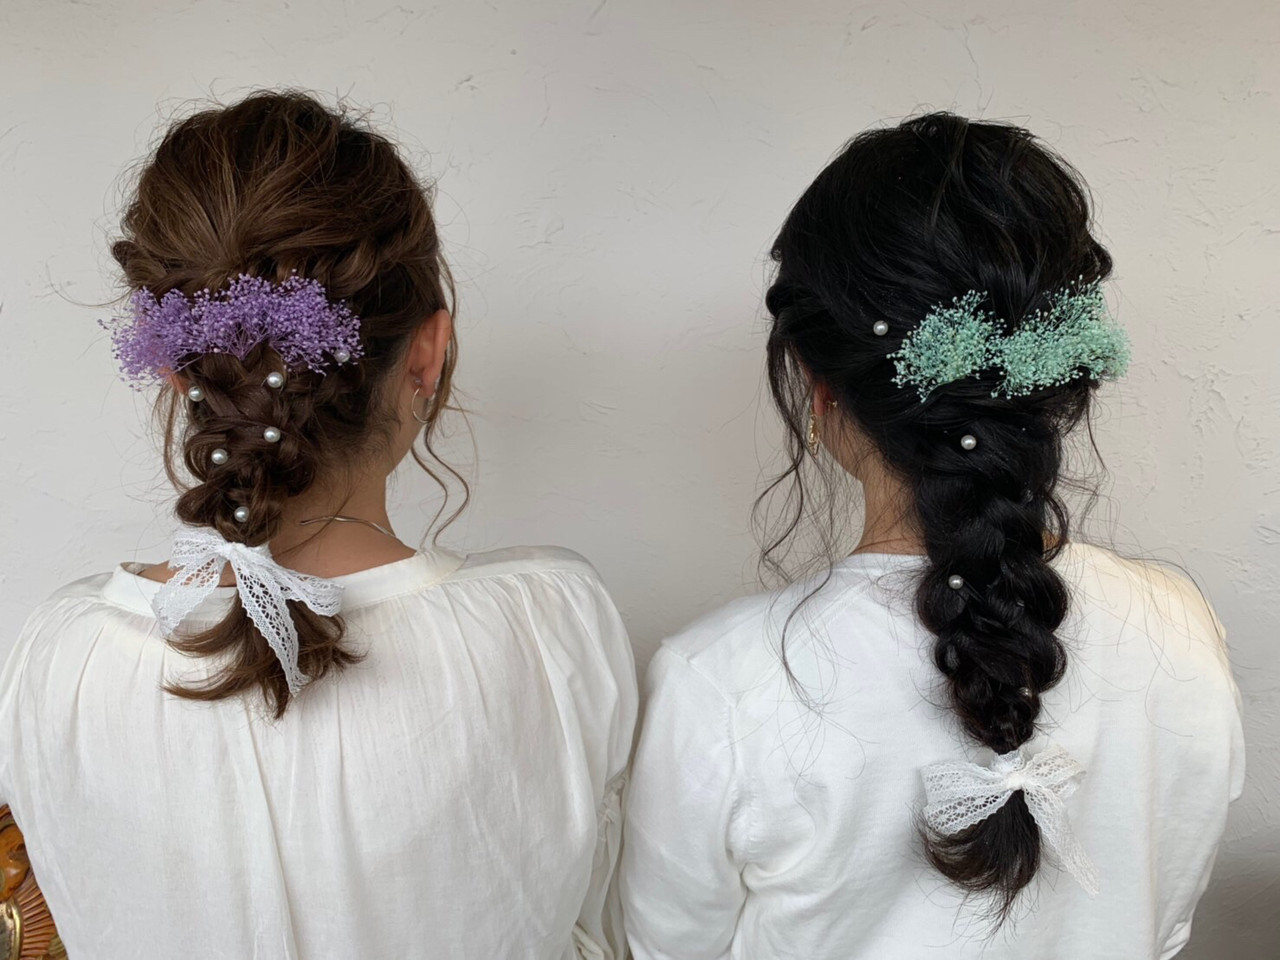 ガーリー 成人式 ヘアアレンジ 結婚式 ヘアスタイルや髪型の写真・画像 | 石川美沙樹 / RITA&Co.